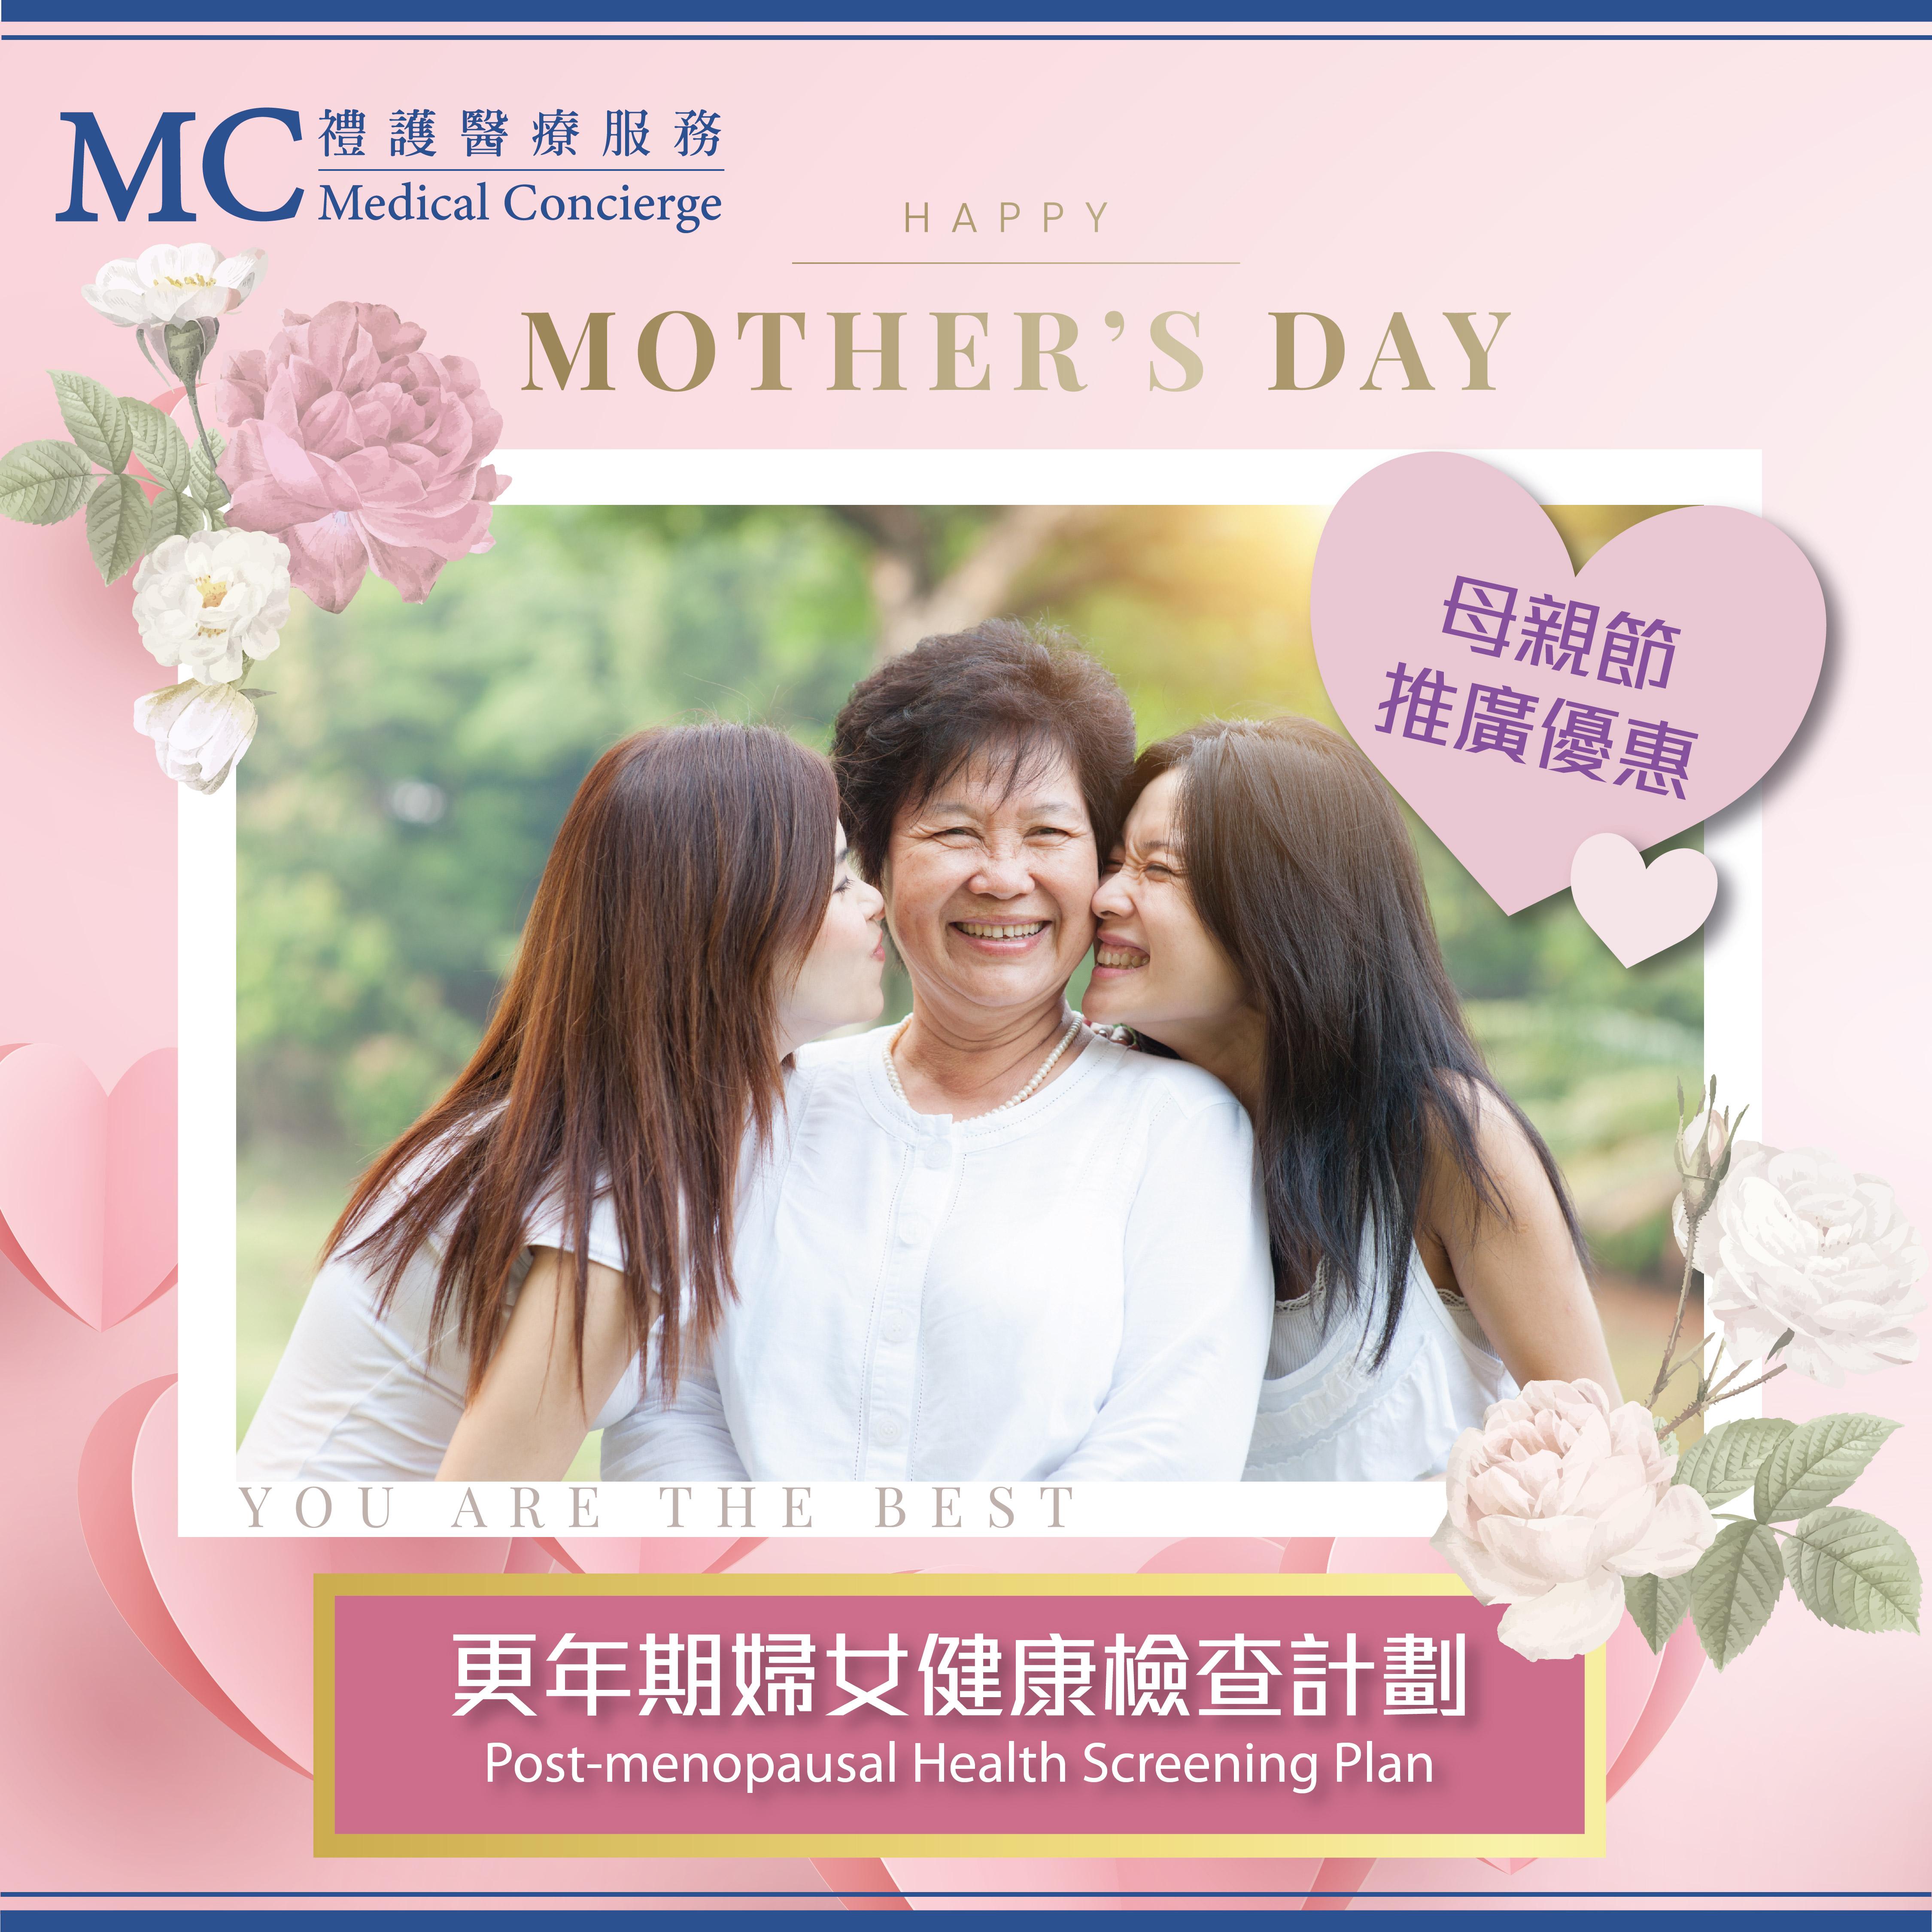 【禮護健康】📣💝母親節推廣系列:媽媽的健康 真摯的禮物💝📣